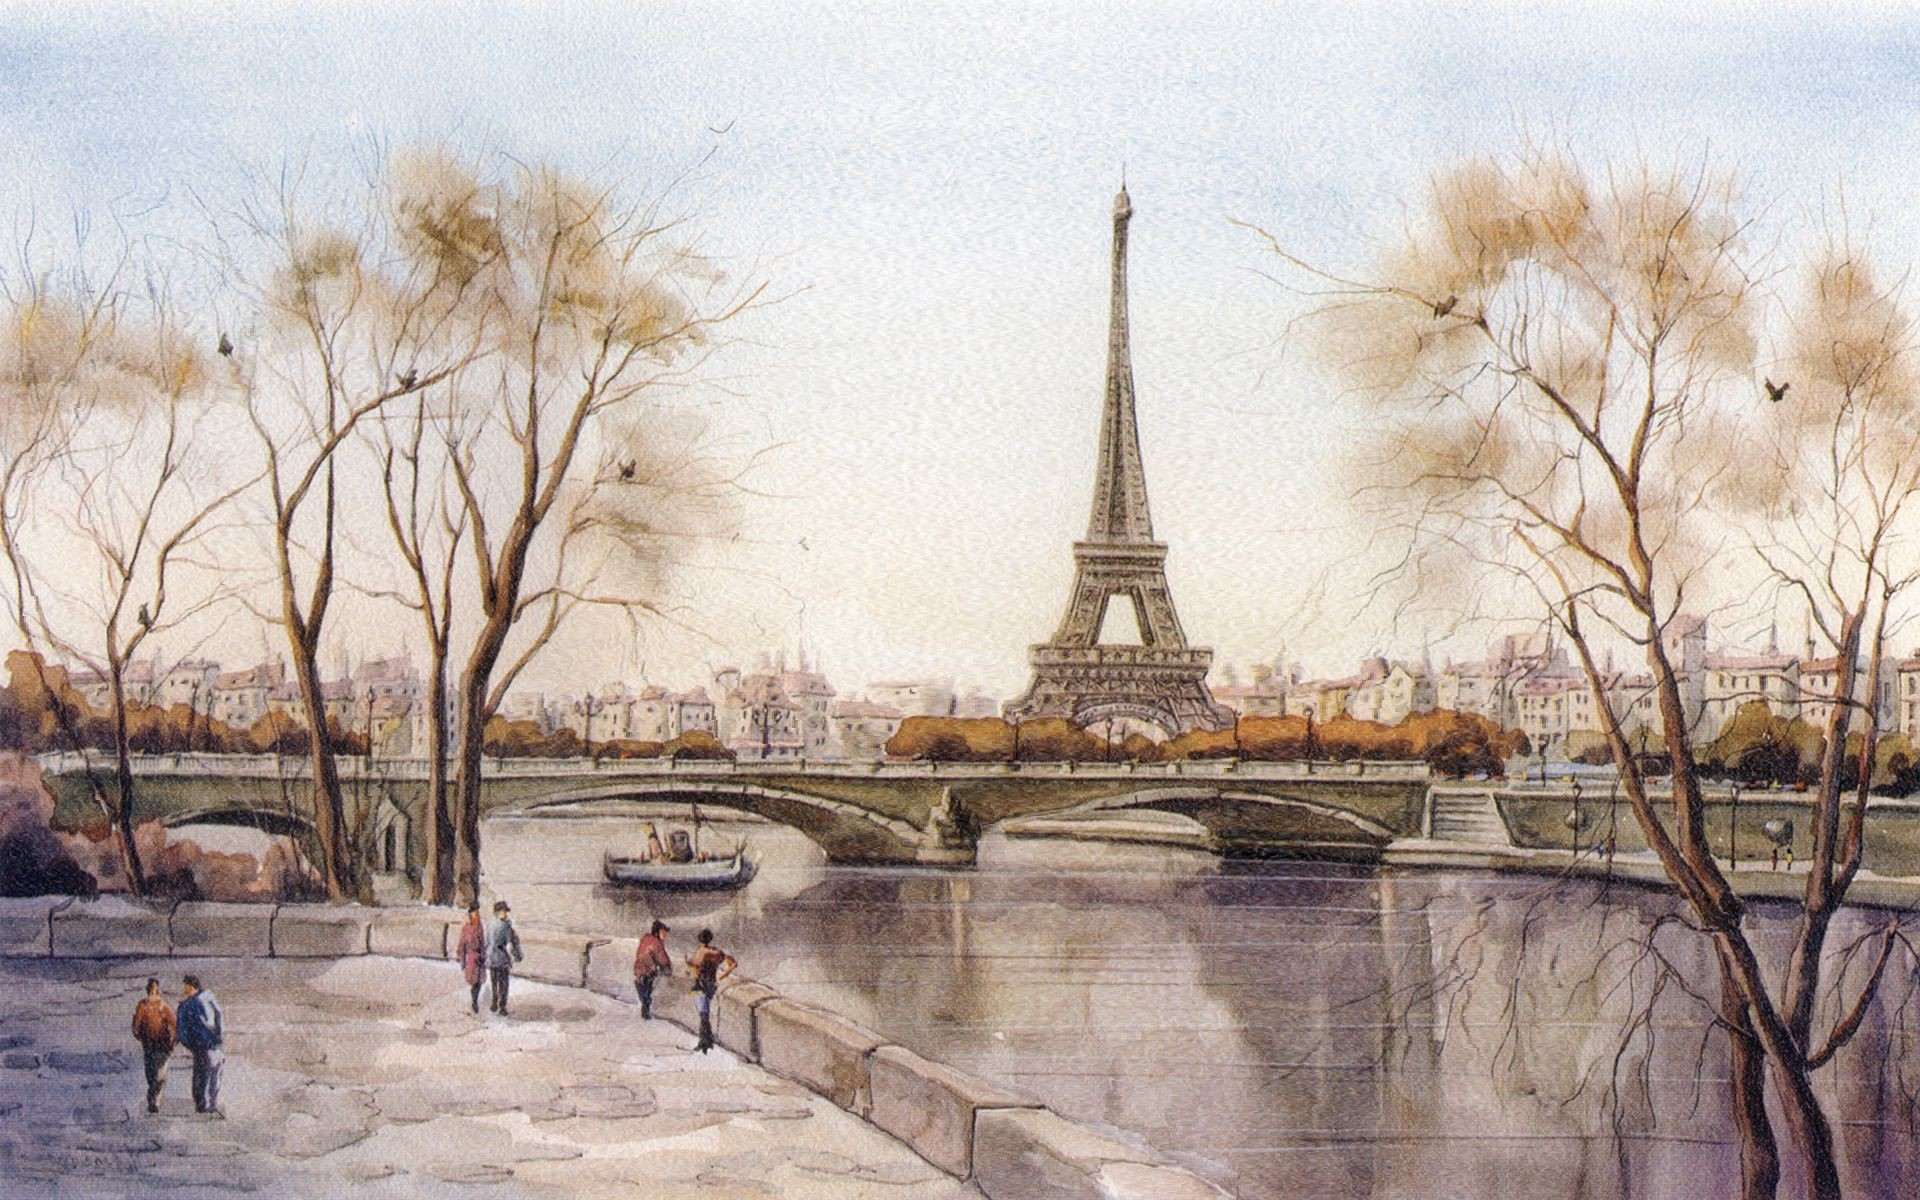 City Eiffel Tower Paris River France Picture